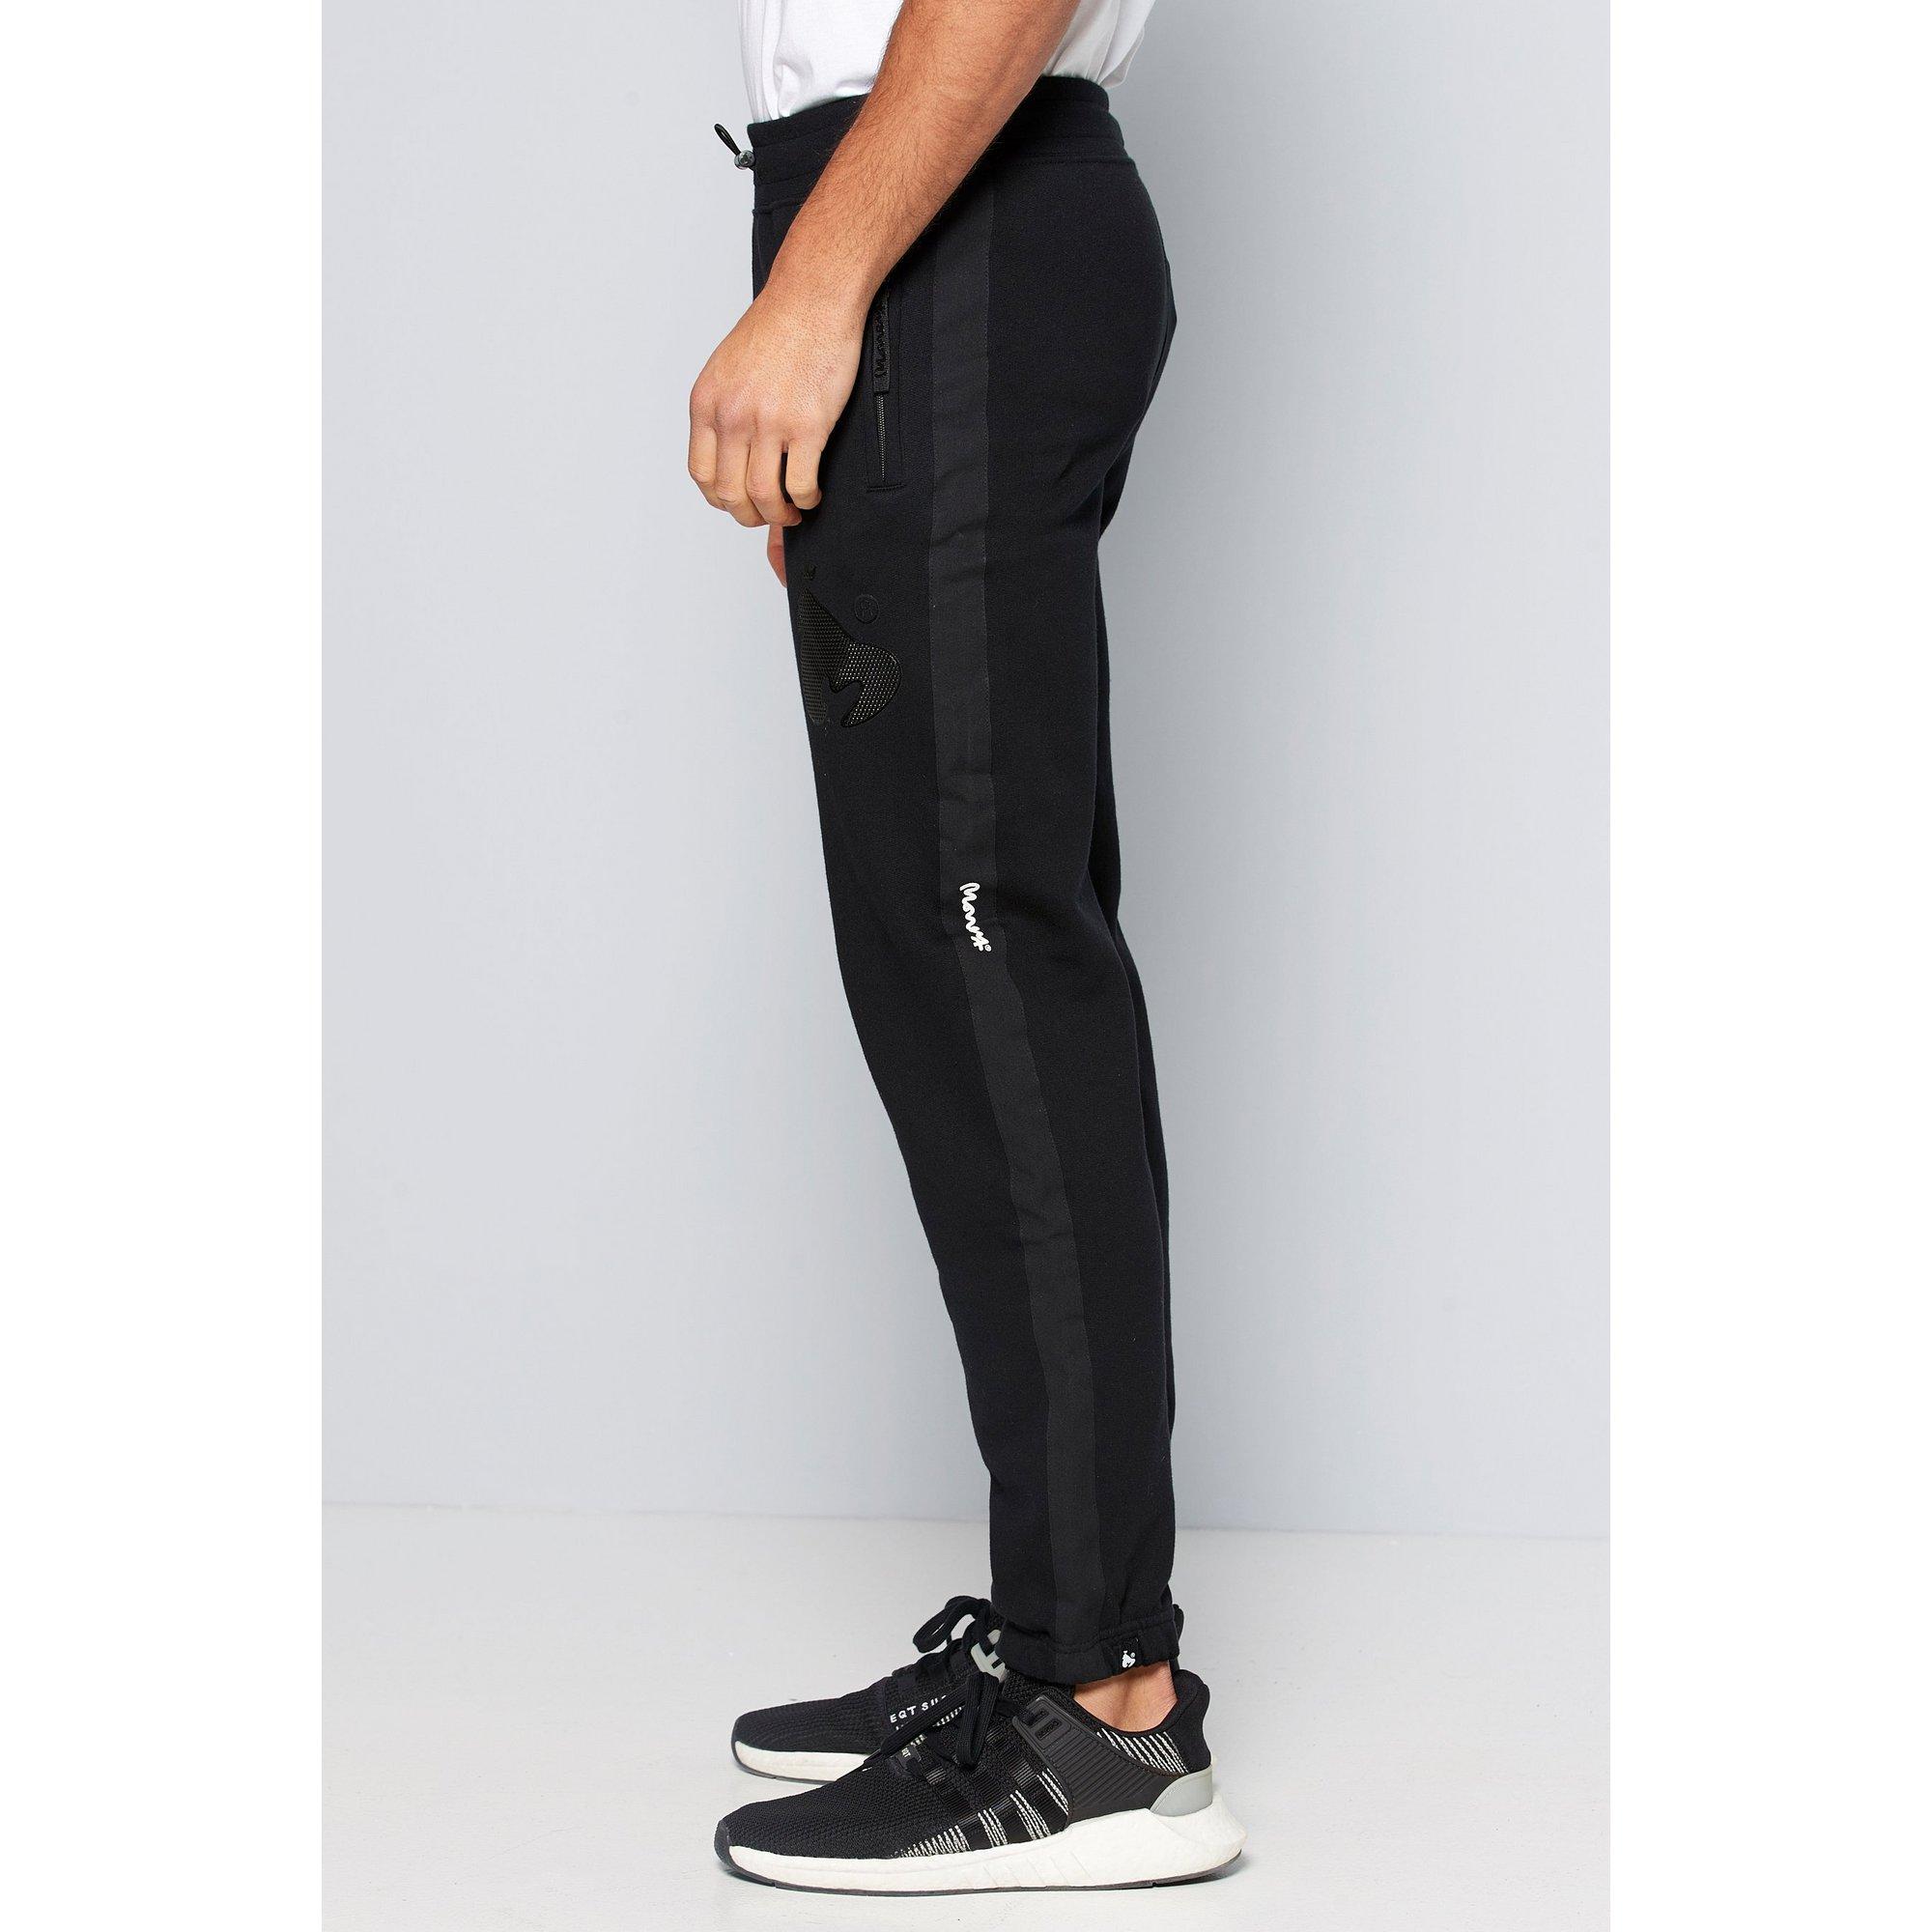 Image of Money C-Fit Sweat Pants